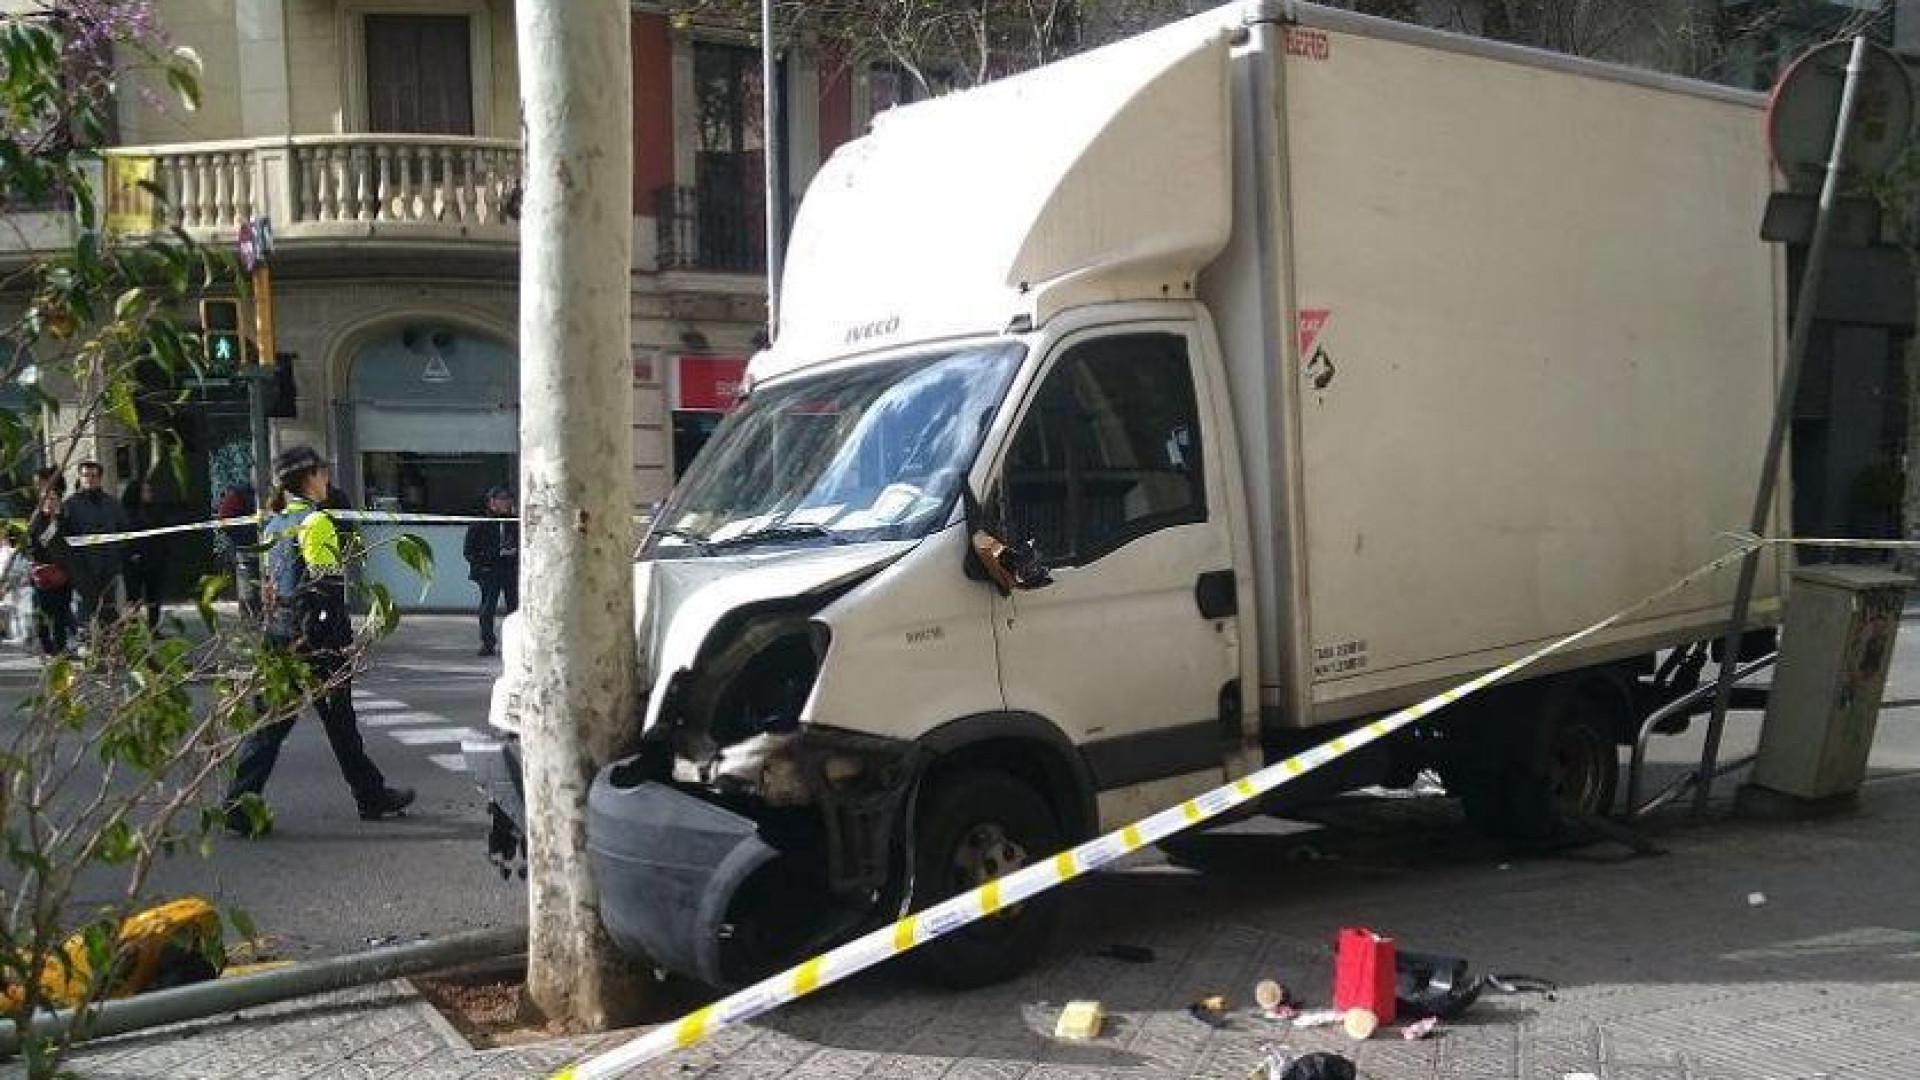 Caminhão atropela seis pessoas no centro de Barcelona